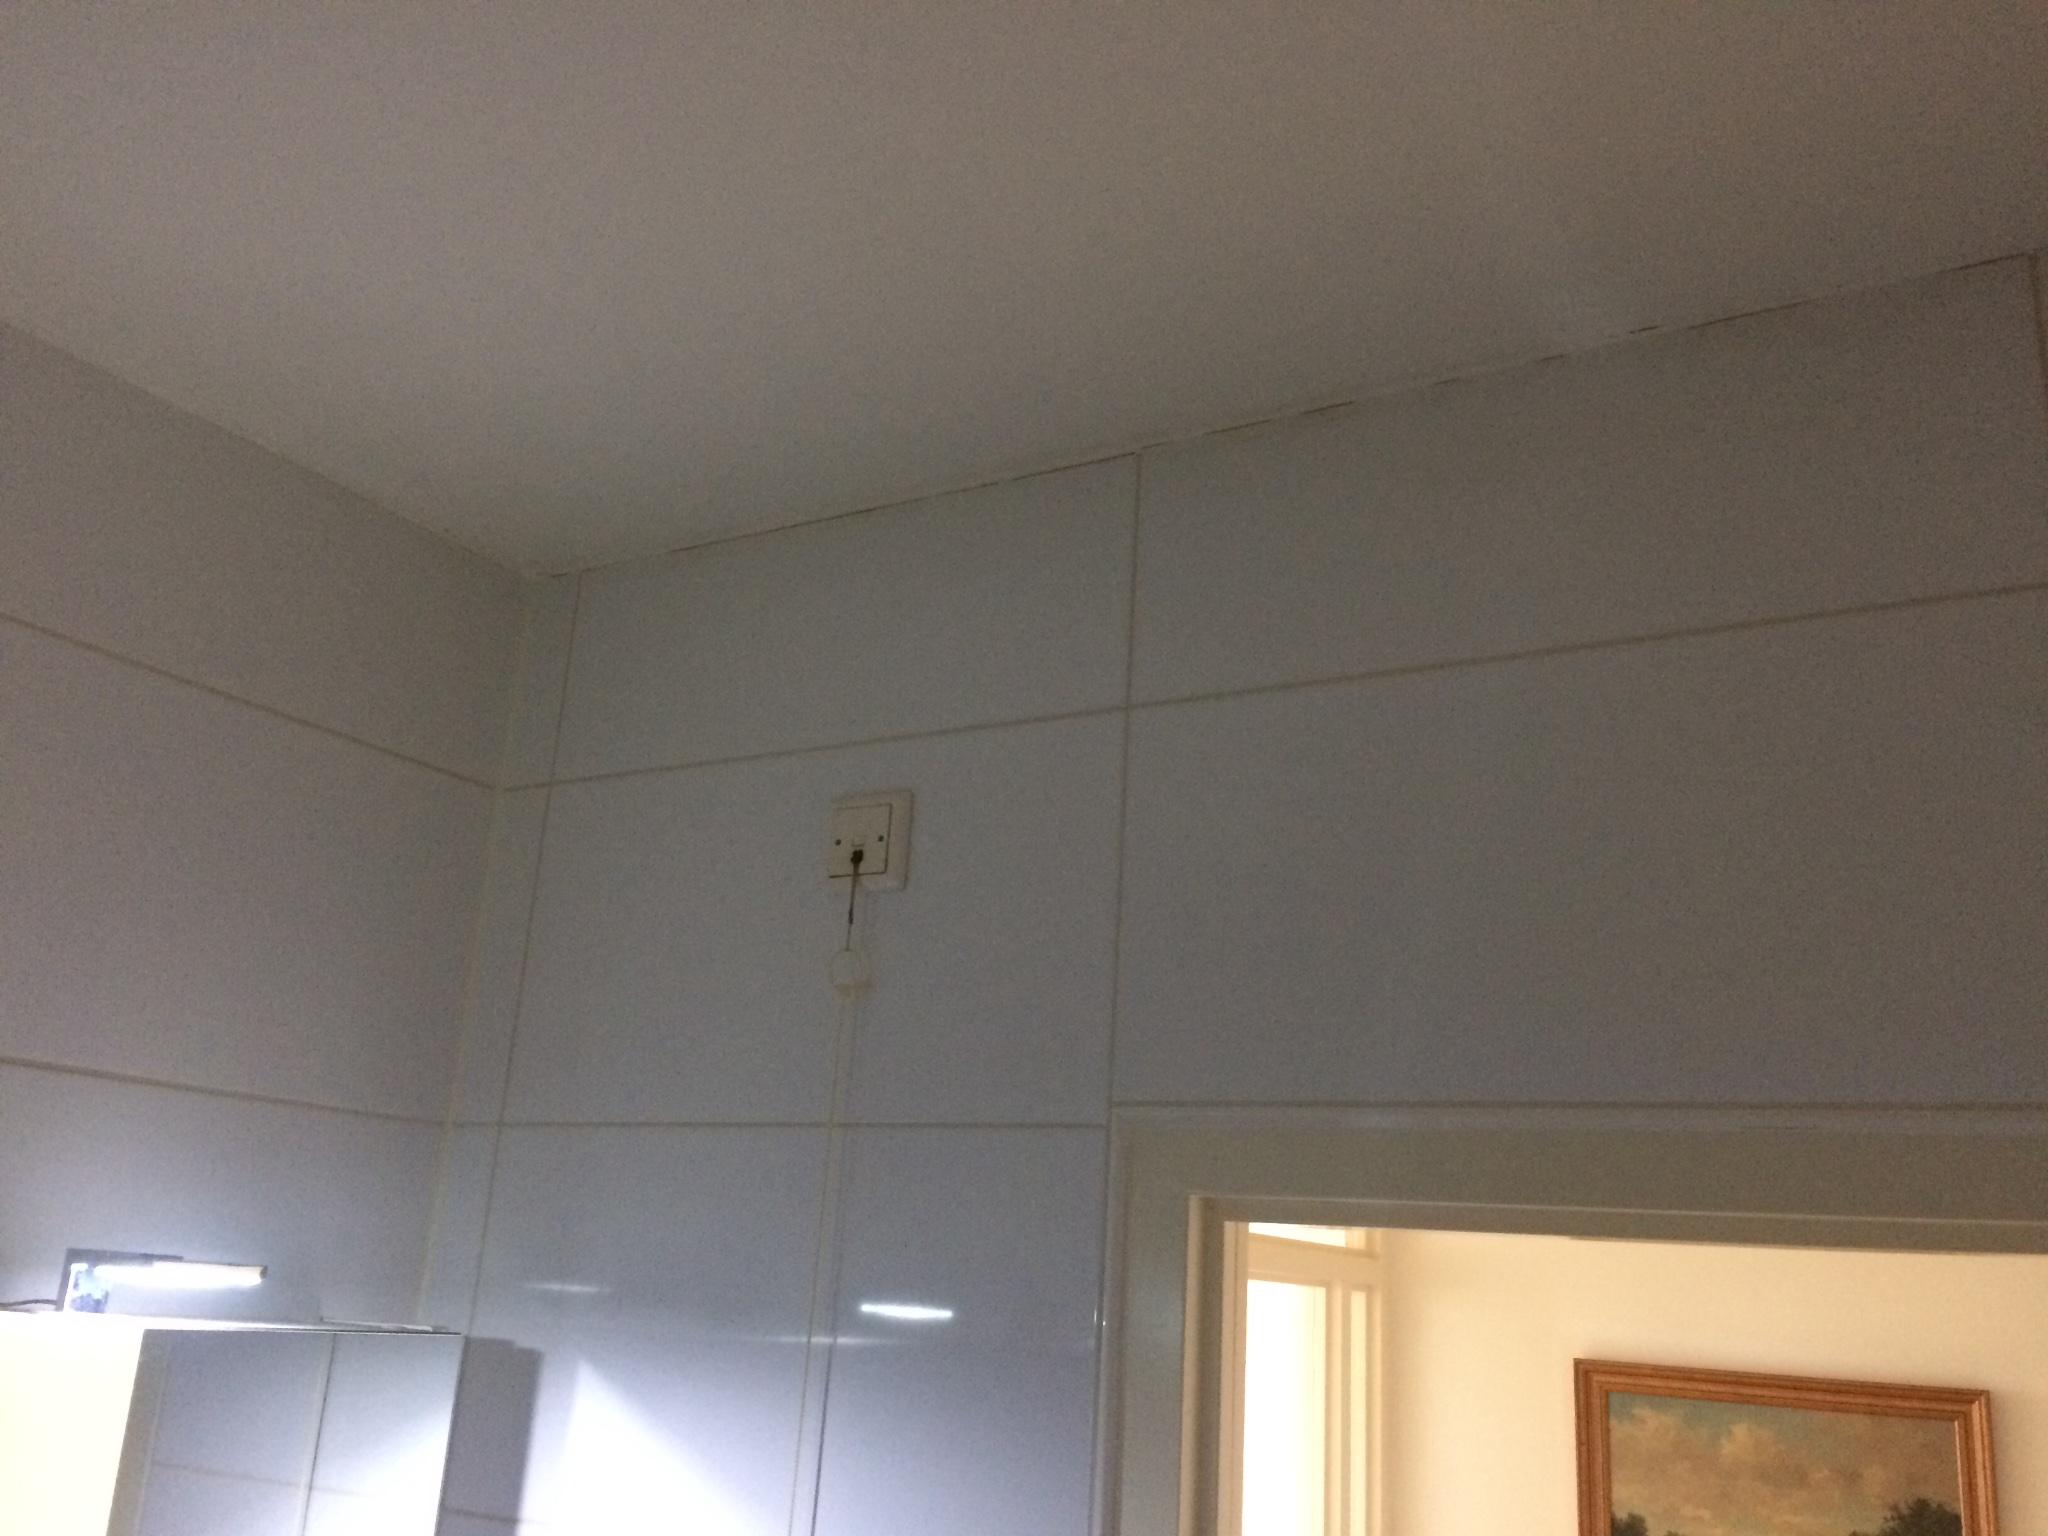 Badkamer plafond egaliseren latexen en rondom afkitten werkspot